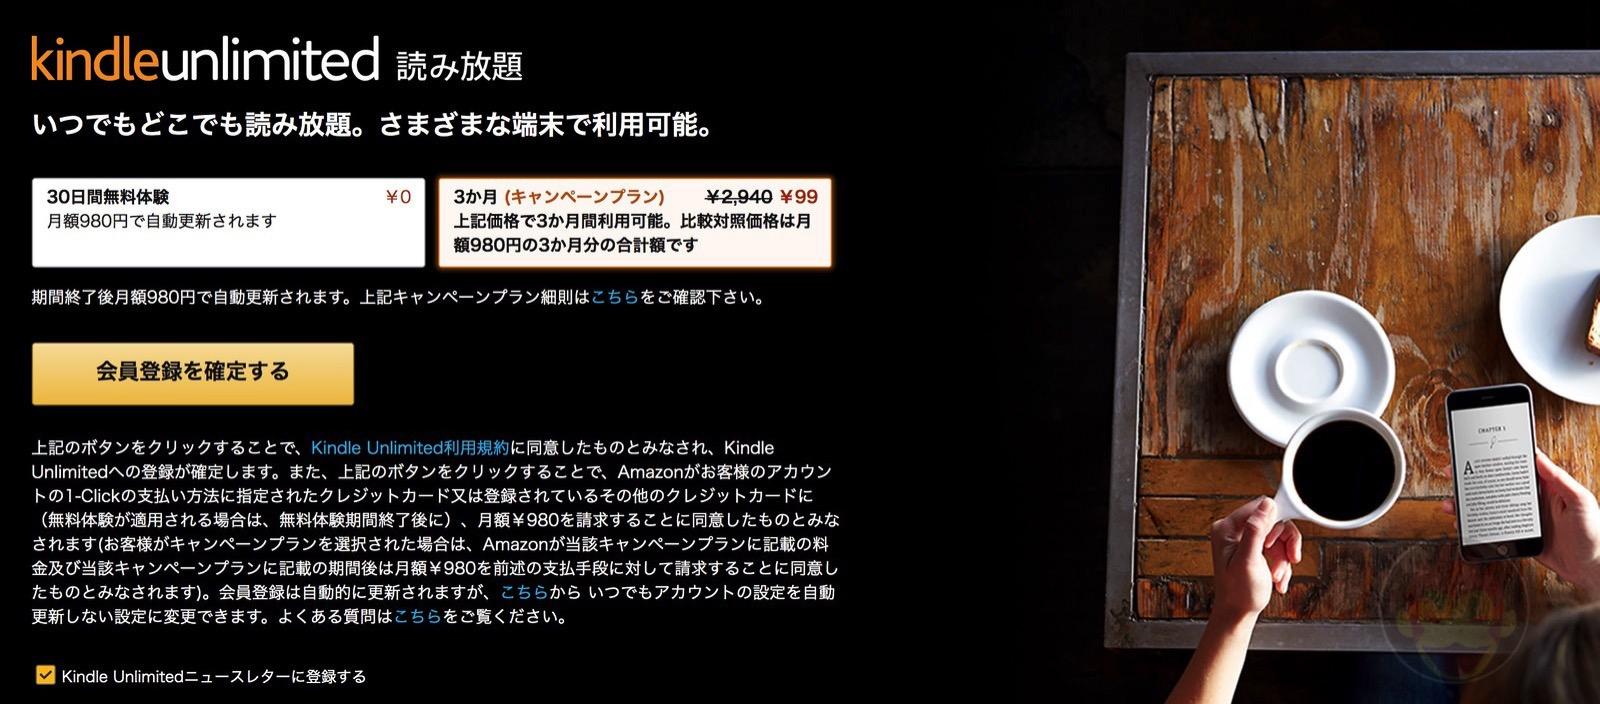 Kindle-Unlimited-sale-03.jpg